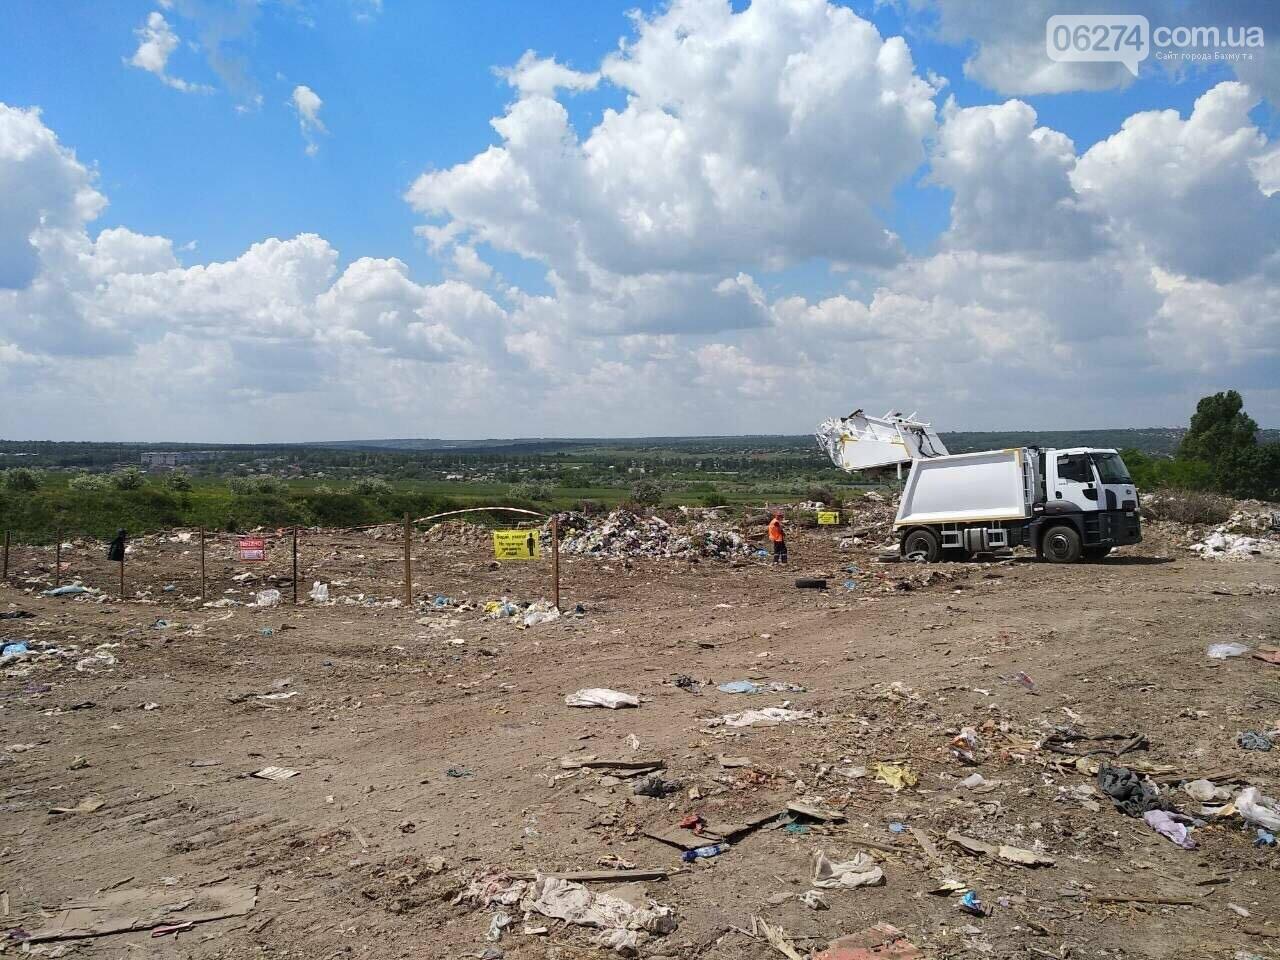 В Бахмуте начнут сортировать отходы, фото-1